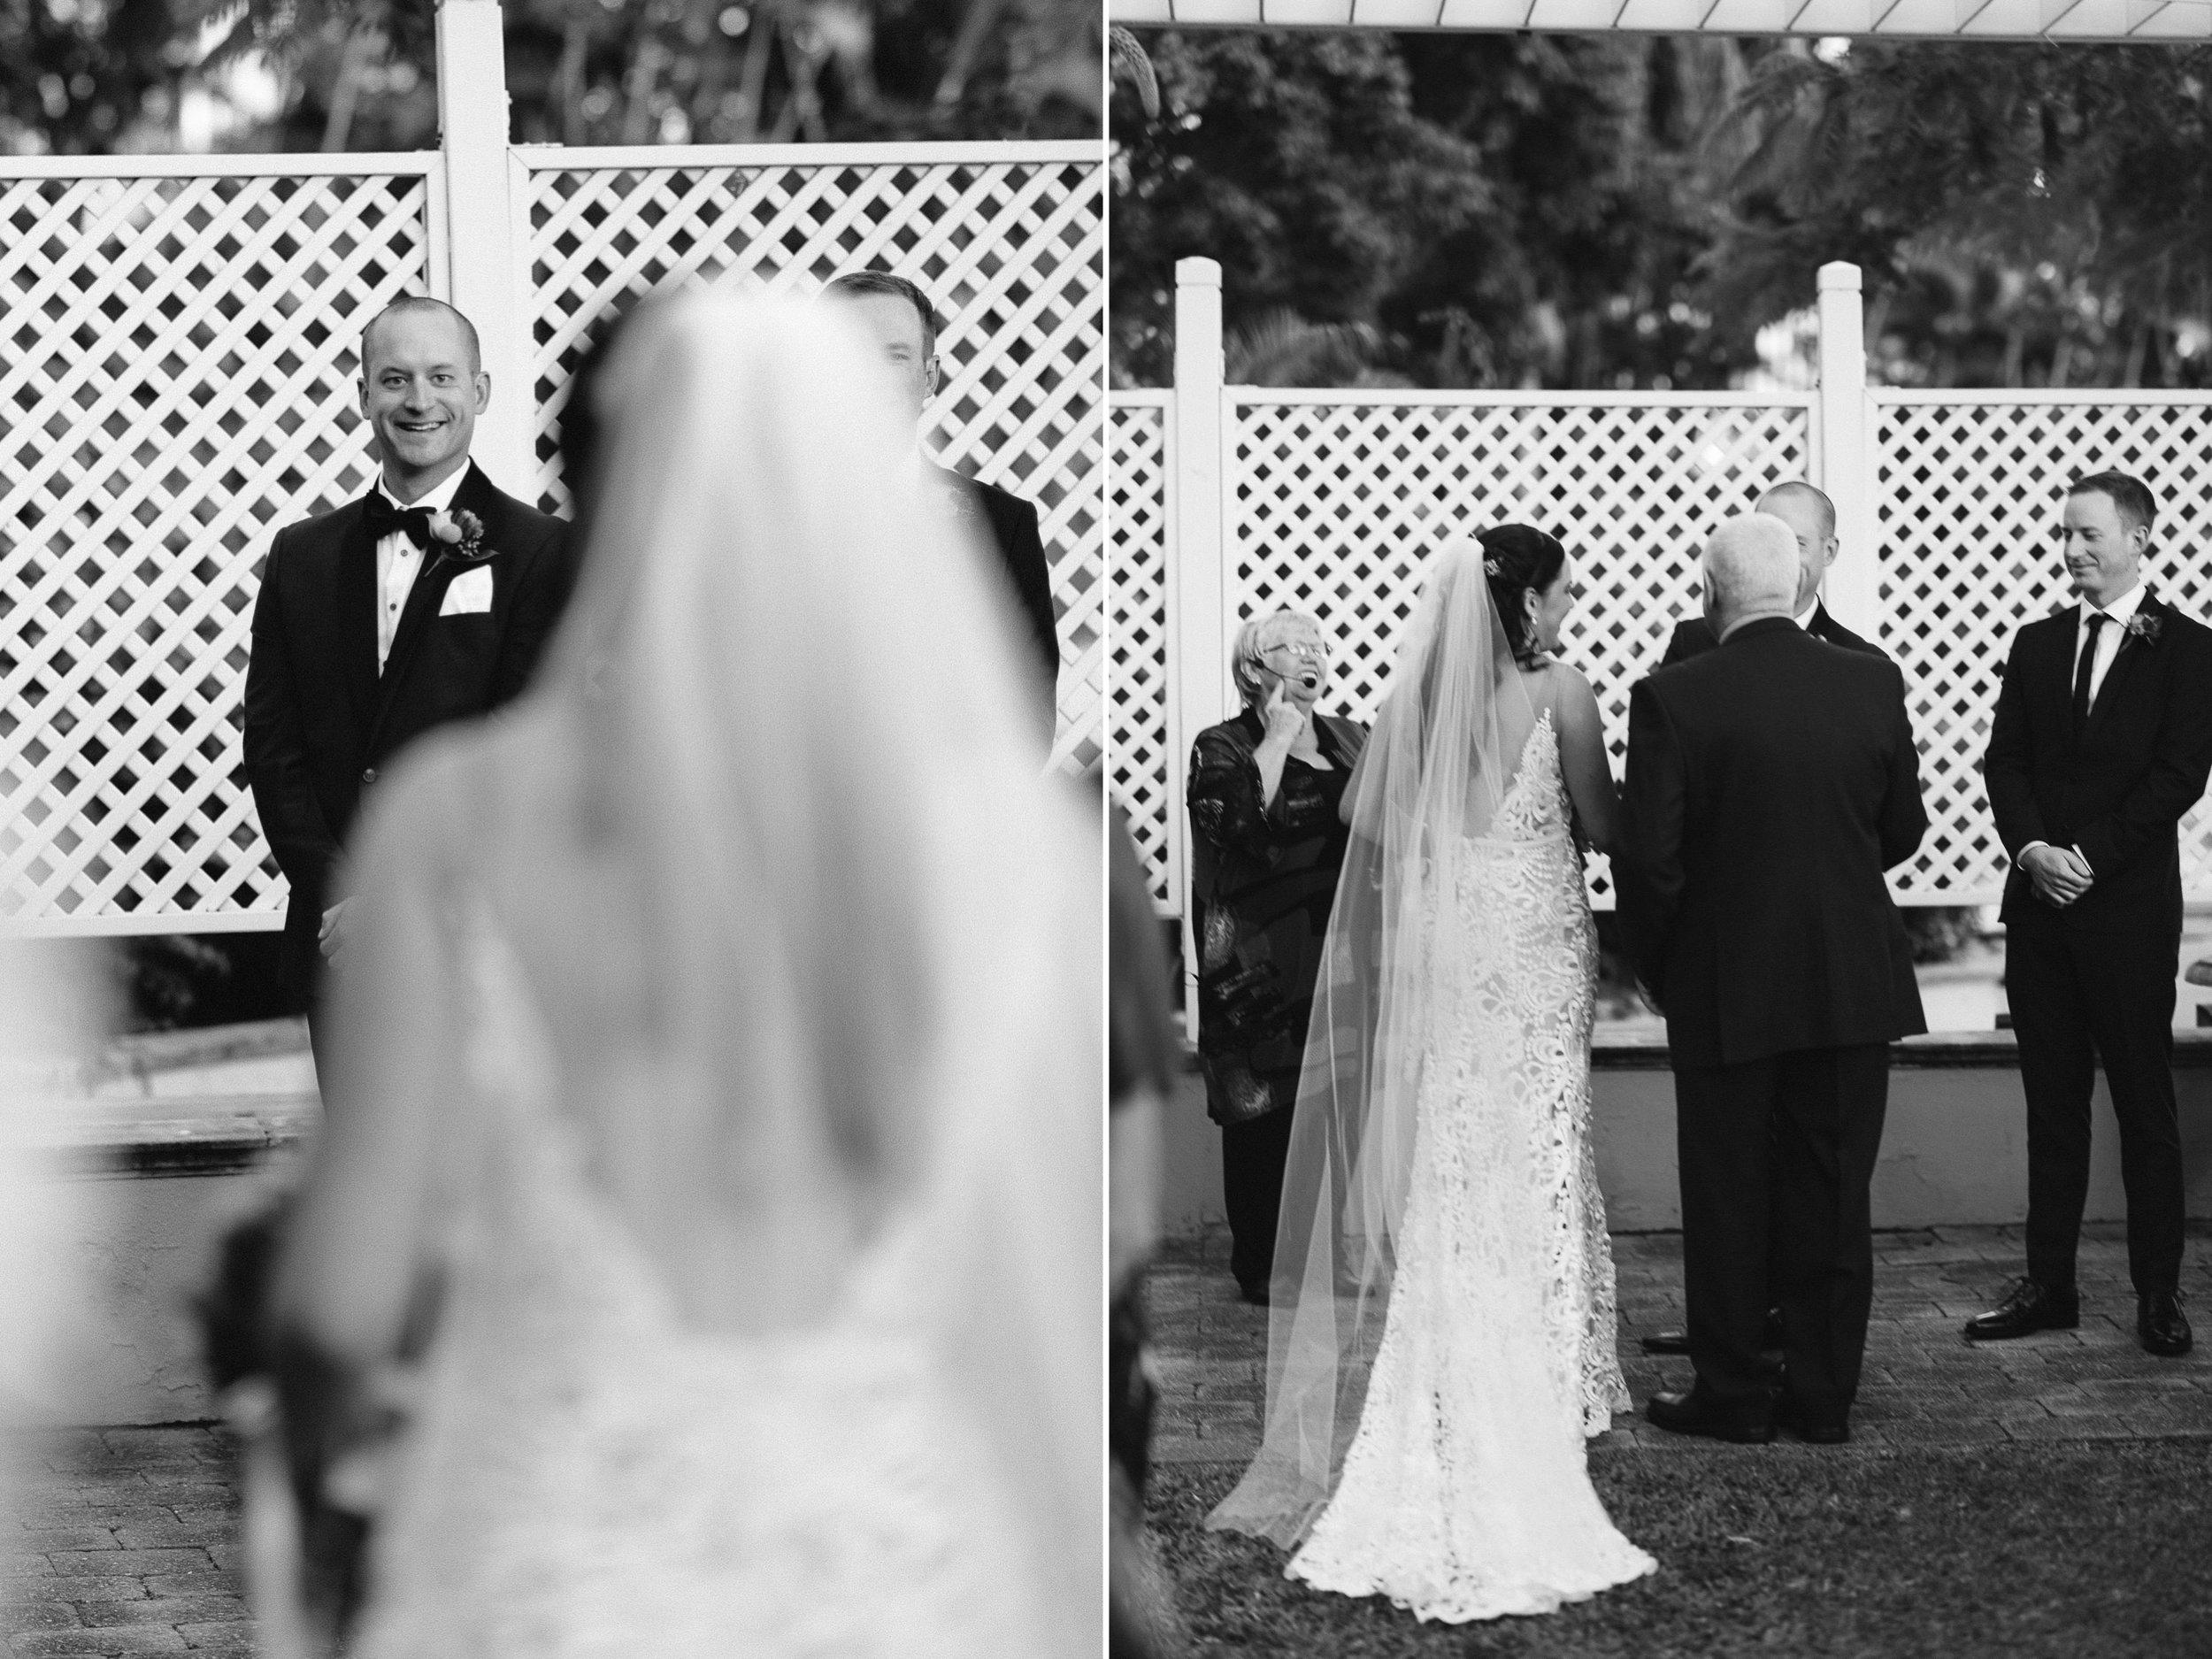 stamford-plaza-brisbane-wedding-13.jpg